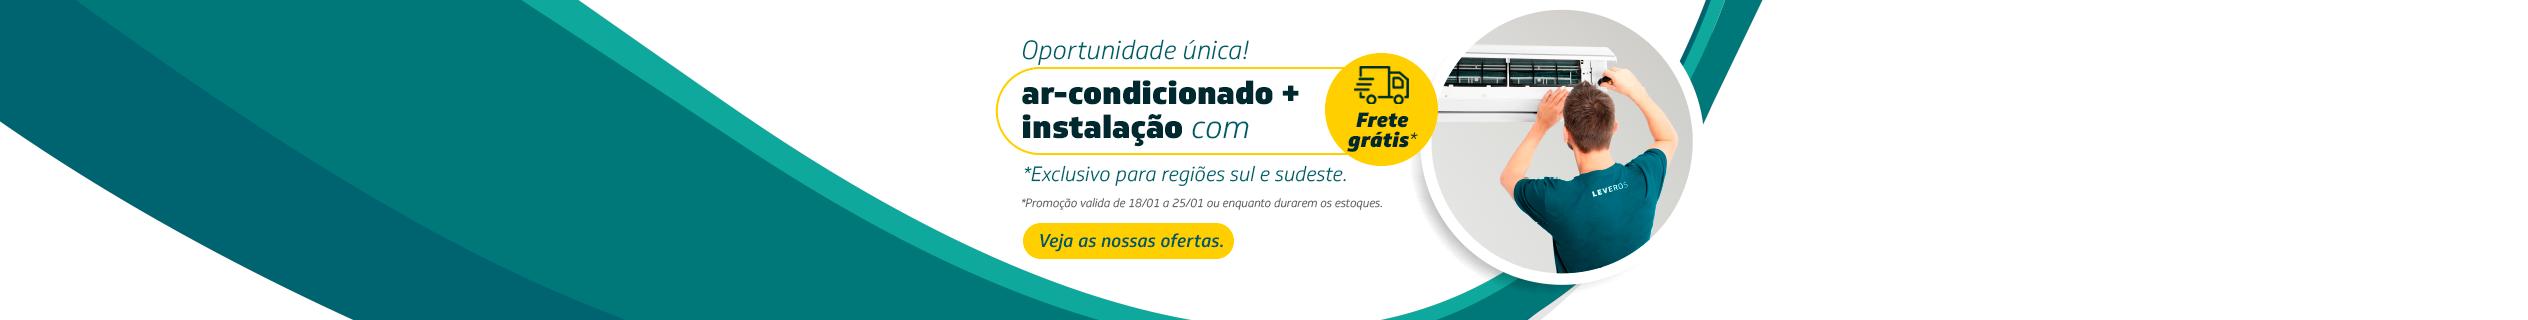 full_banner-desktop-frete_gratis_combo-1801-2501